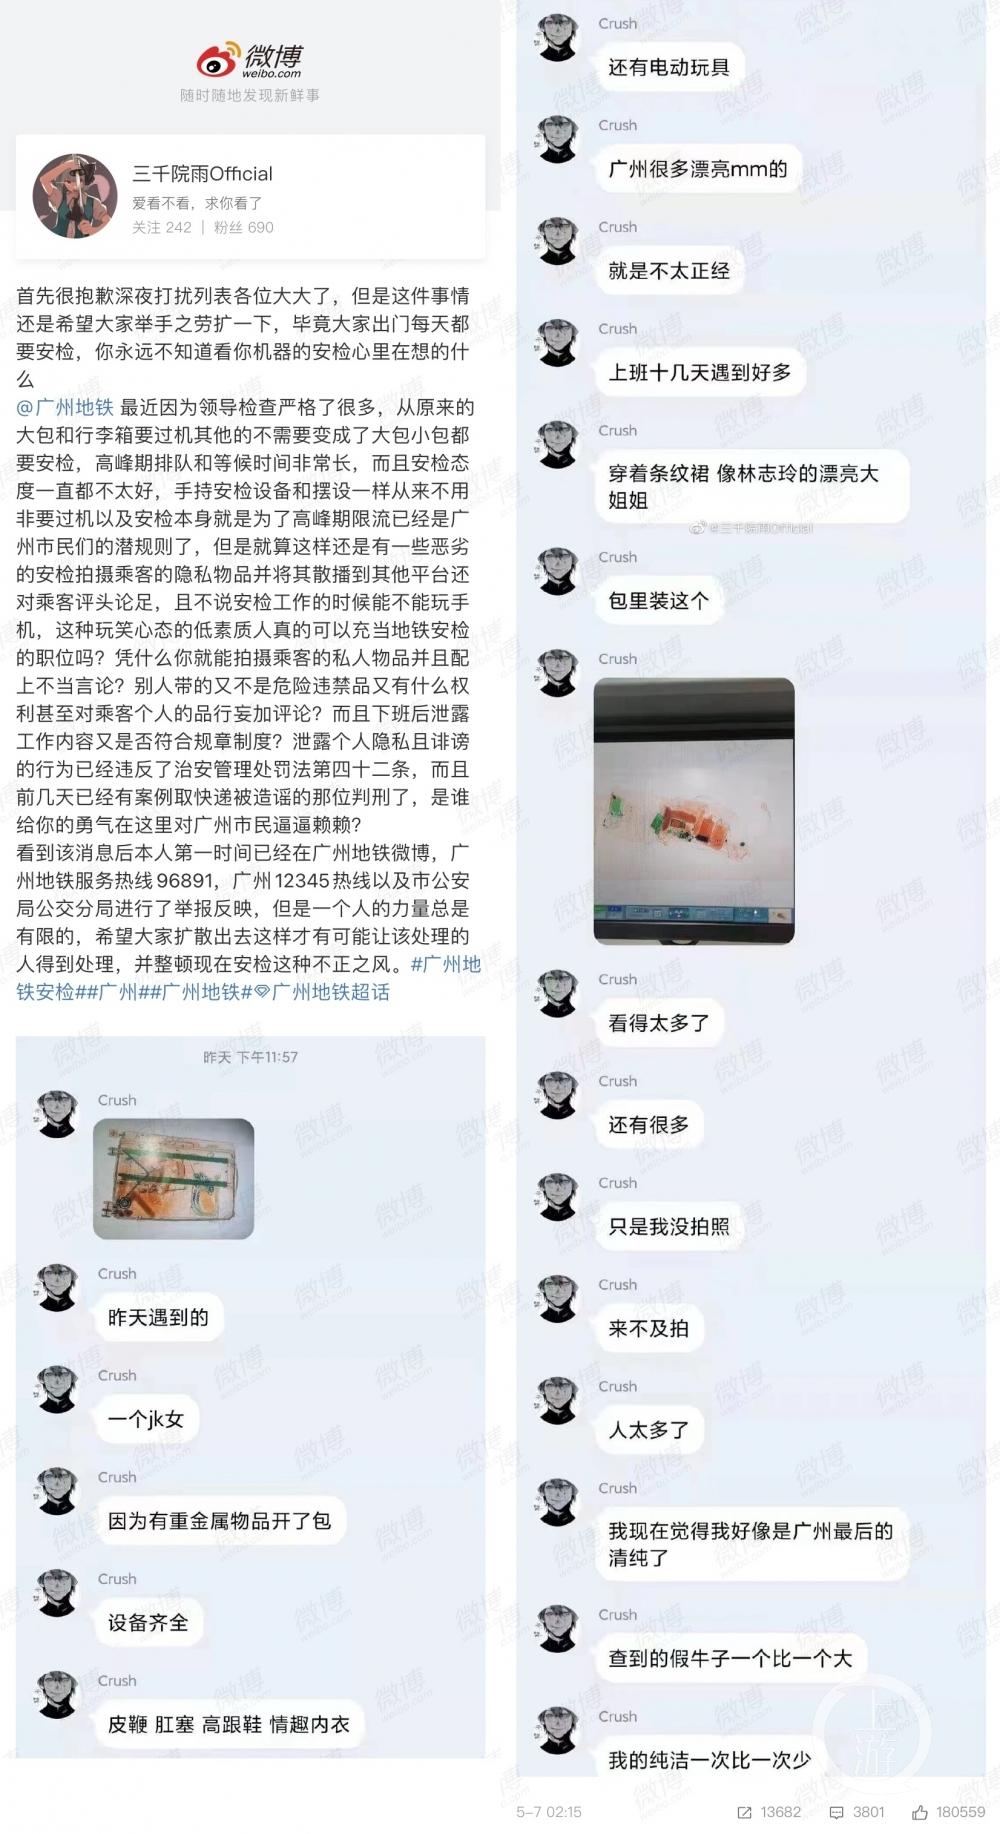 地铁安检员泄露乘客隐私并传播,广州地铁:已解除劳动合同并移送警方